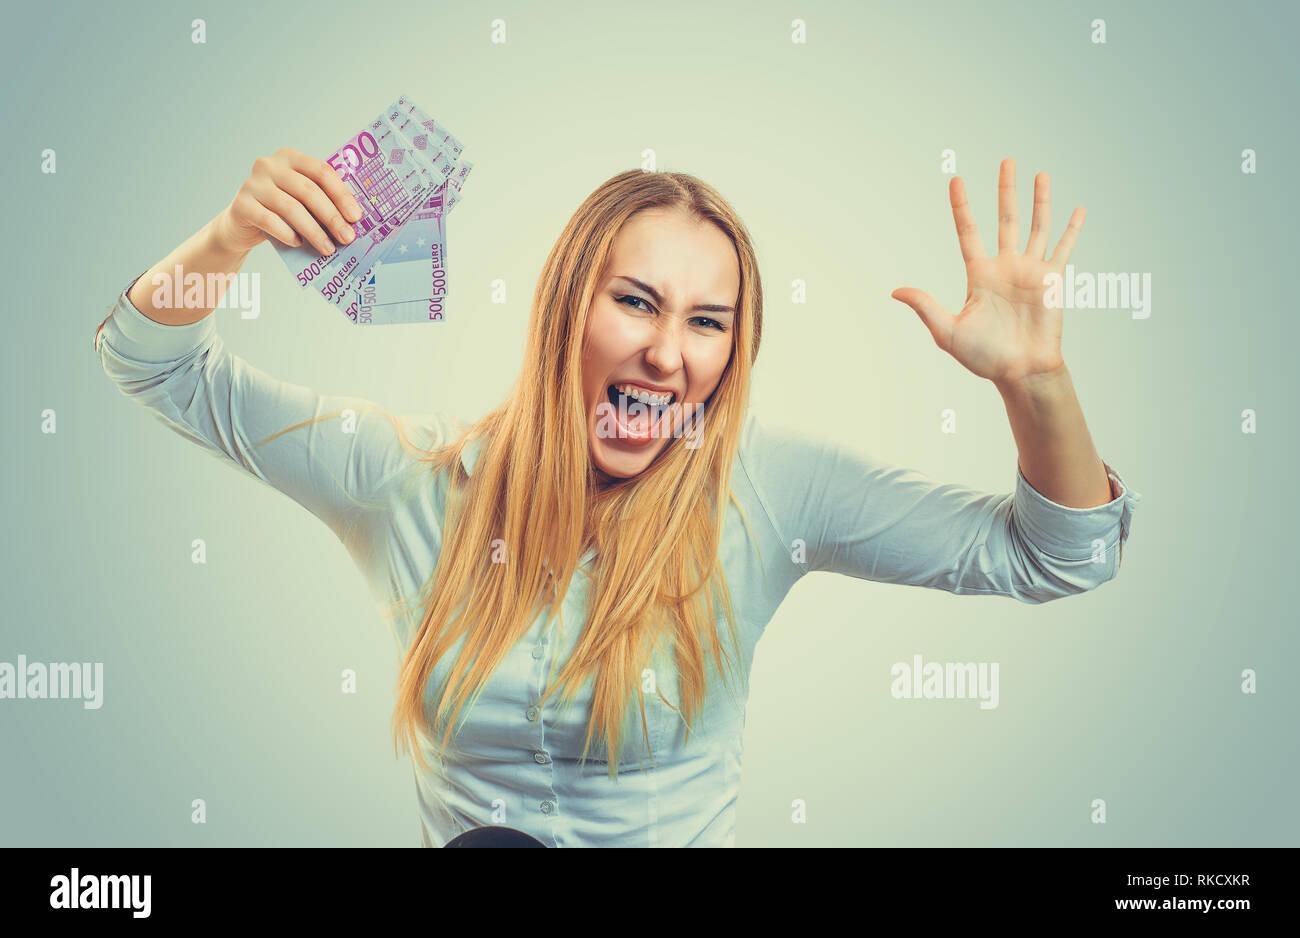 Woman happy holding money.  - Stock Image